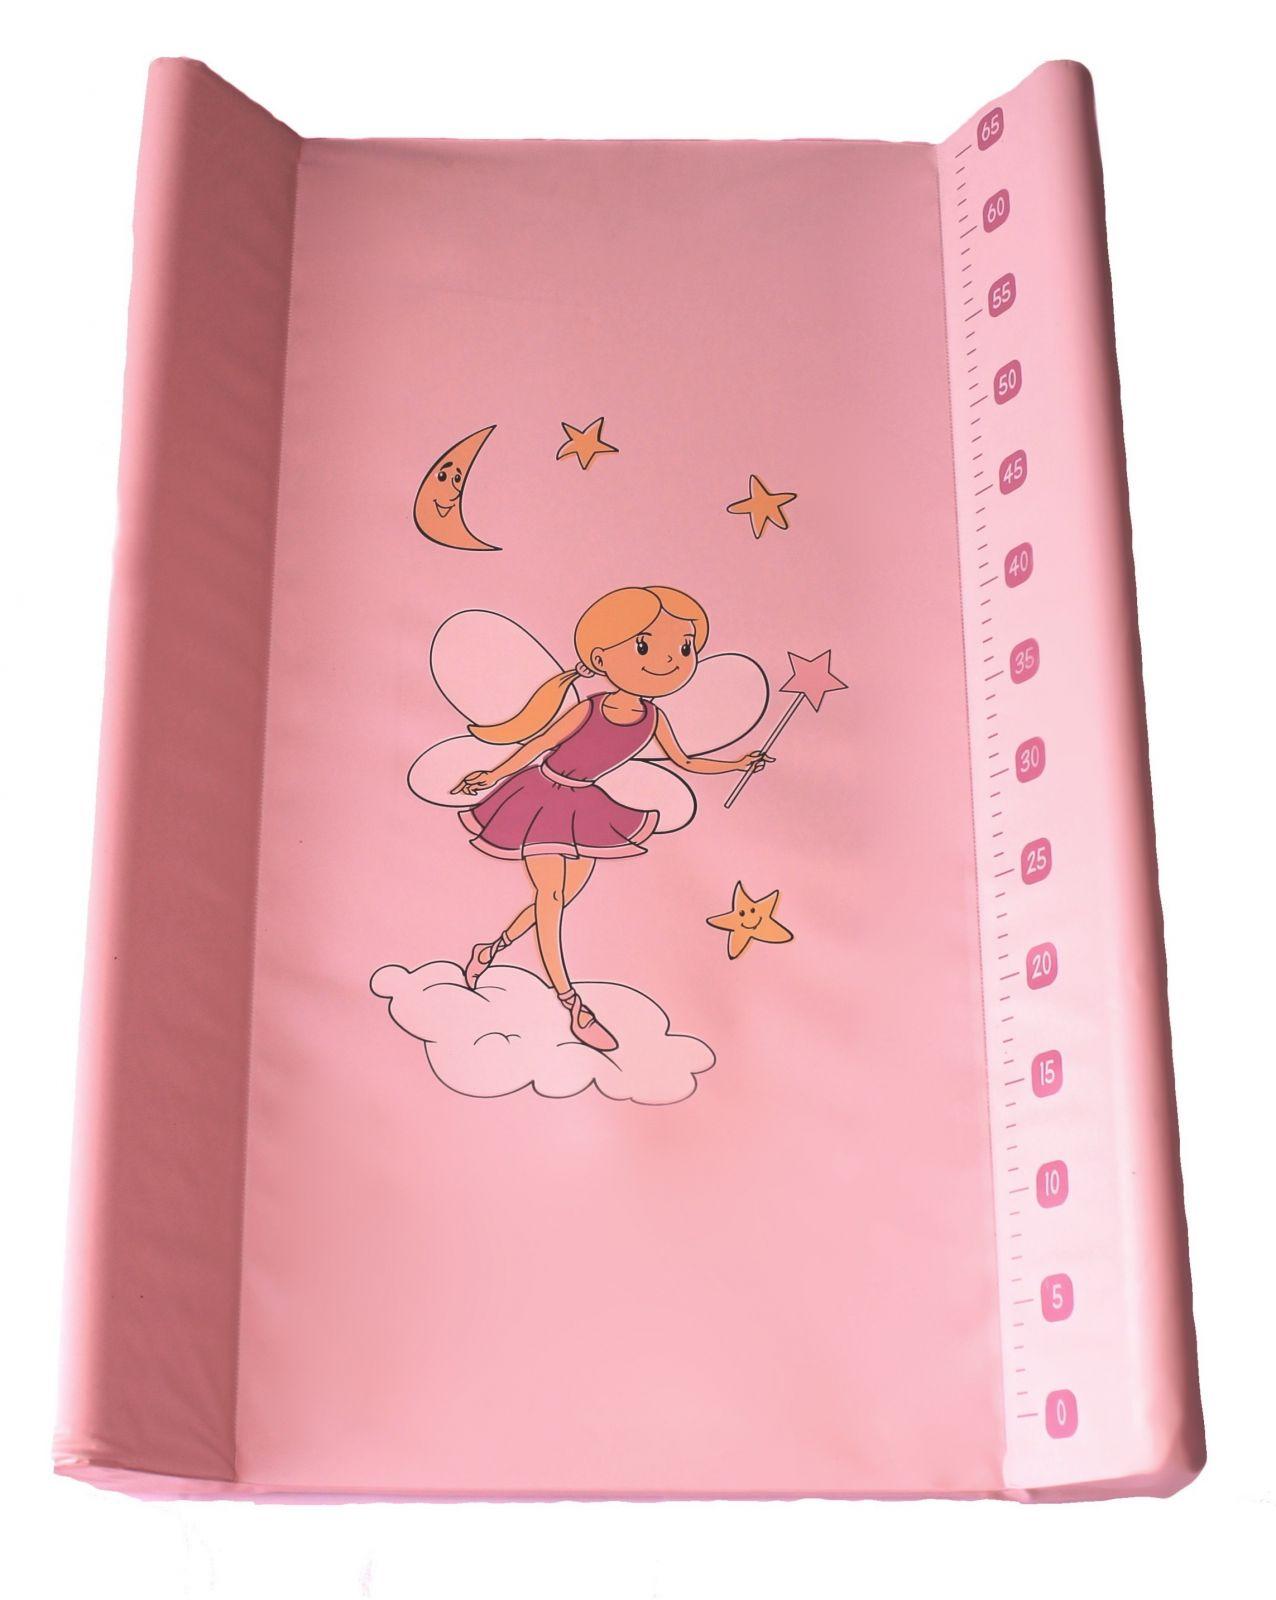 Přebalovací podložka Baby sky tvrdá 50x70 cm růžová víla